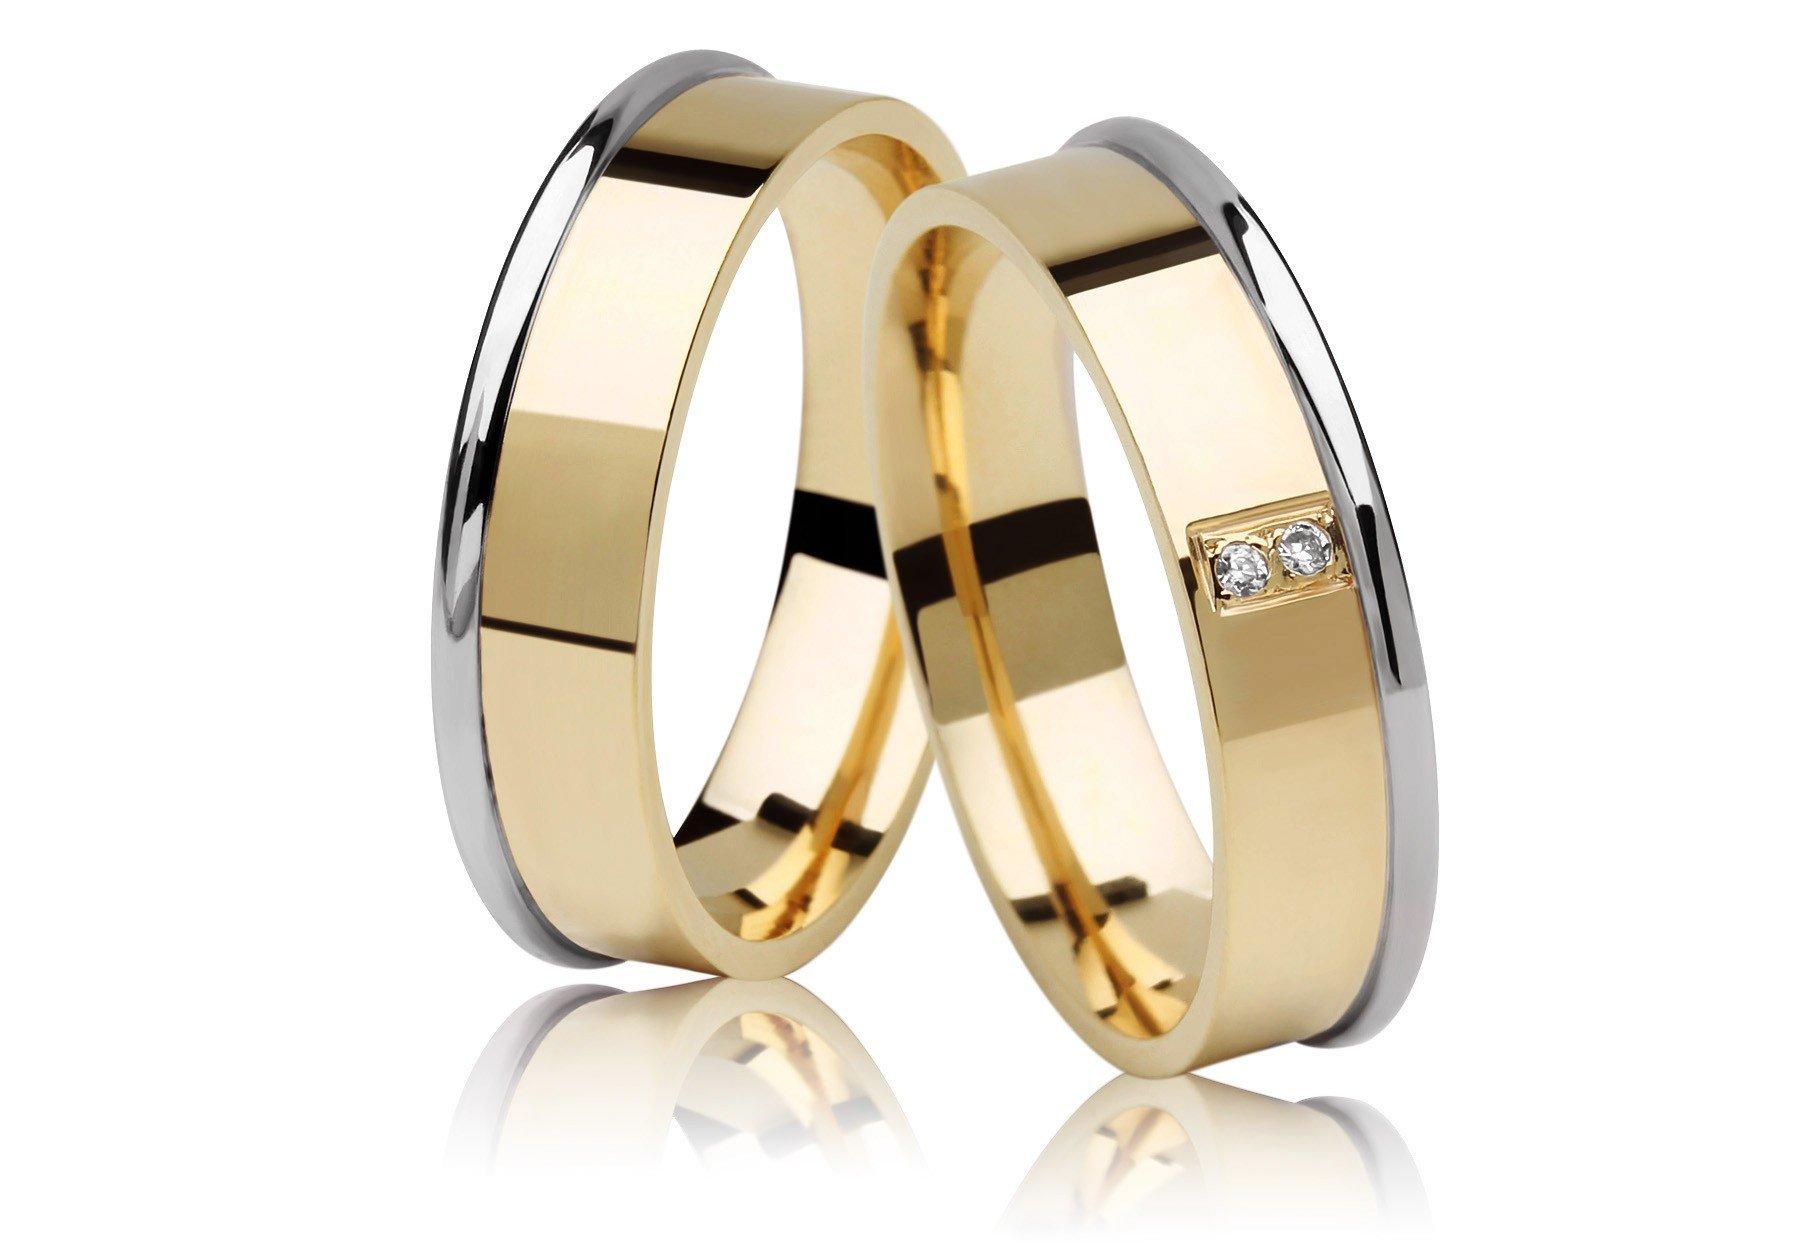 Aliança de Casamento JOE em Ouro Amarelo e Branco 18k e Diamantes - Unitária (5.30mm)